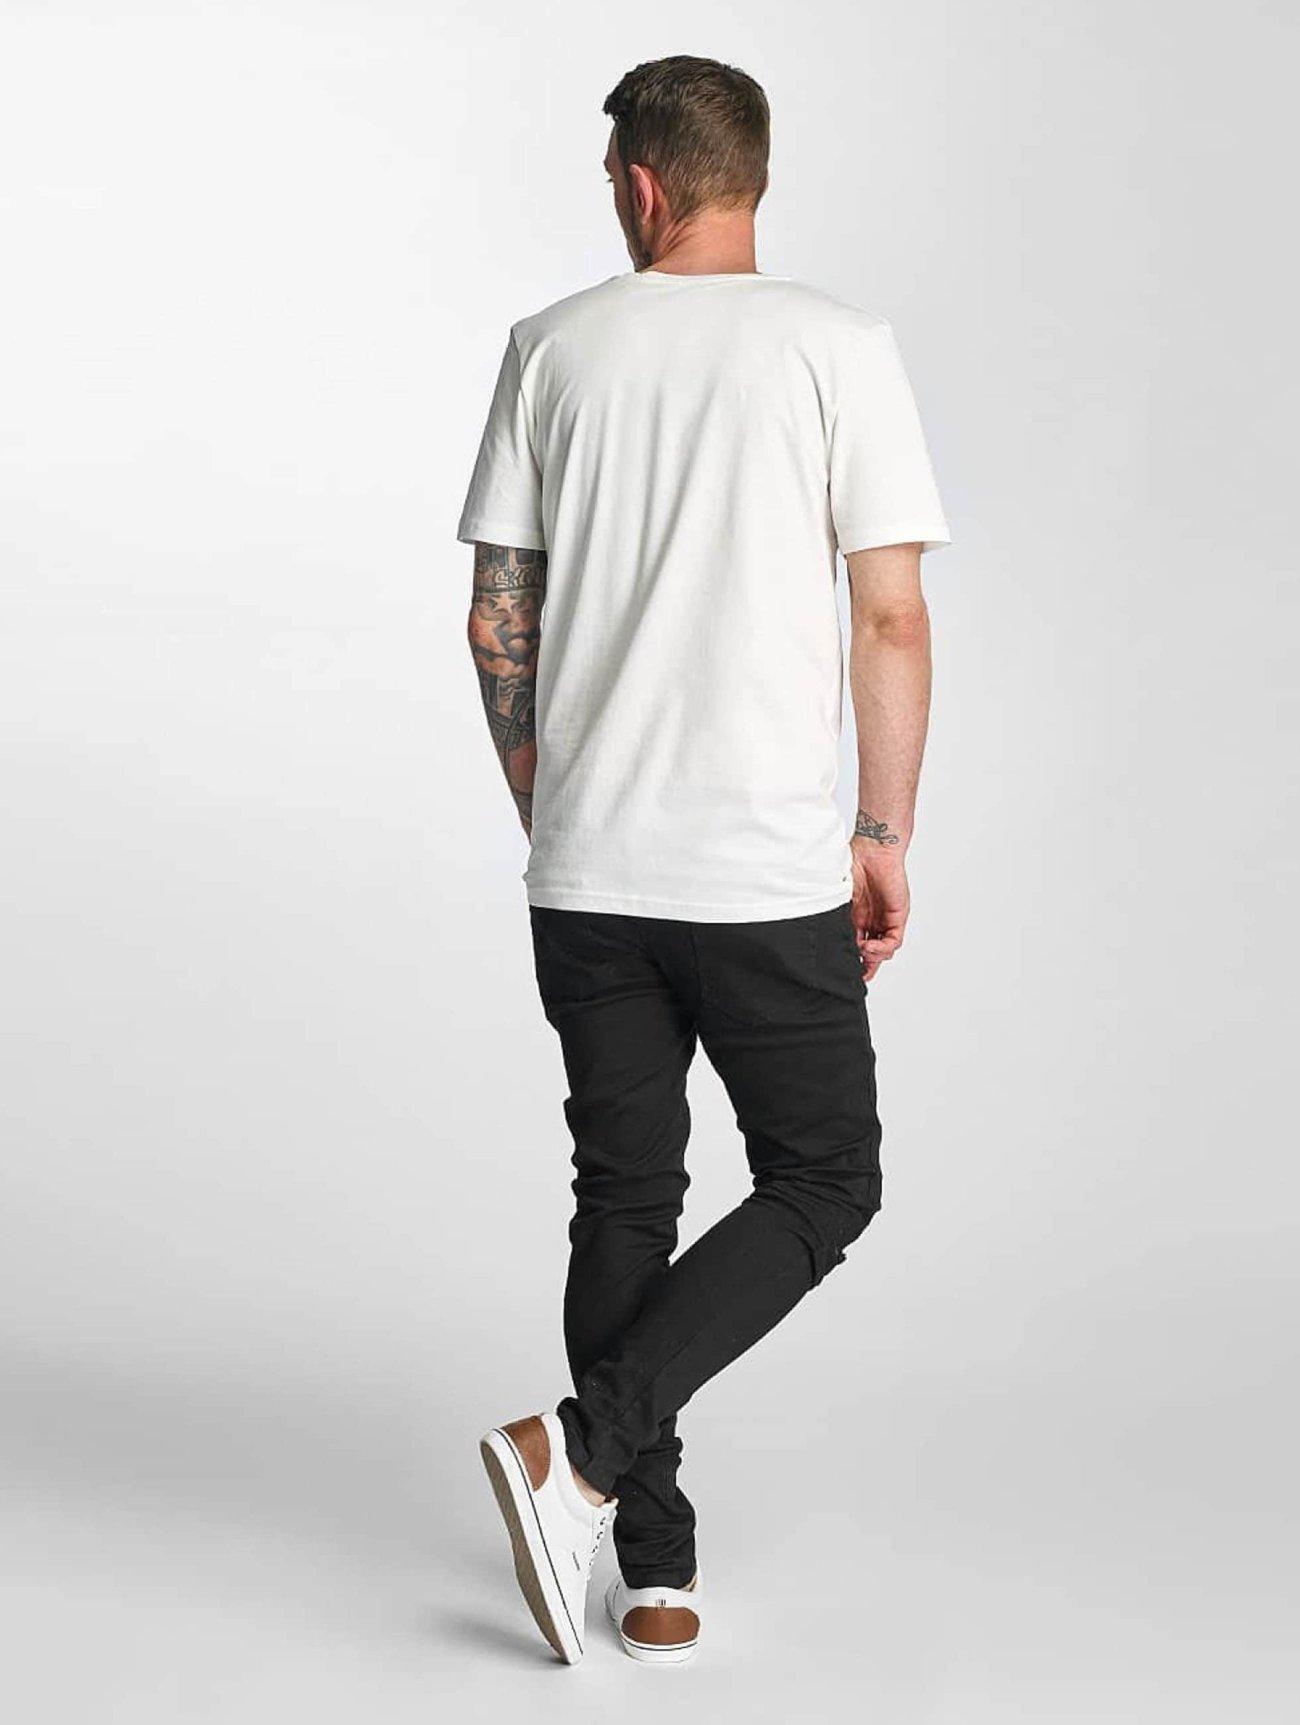 Criminal Damage  Ripper  noir Homme Jean skinny  358678 Homme Jeans